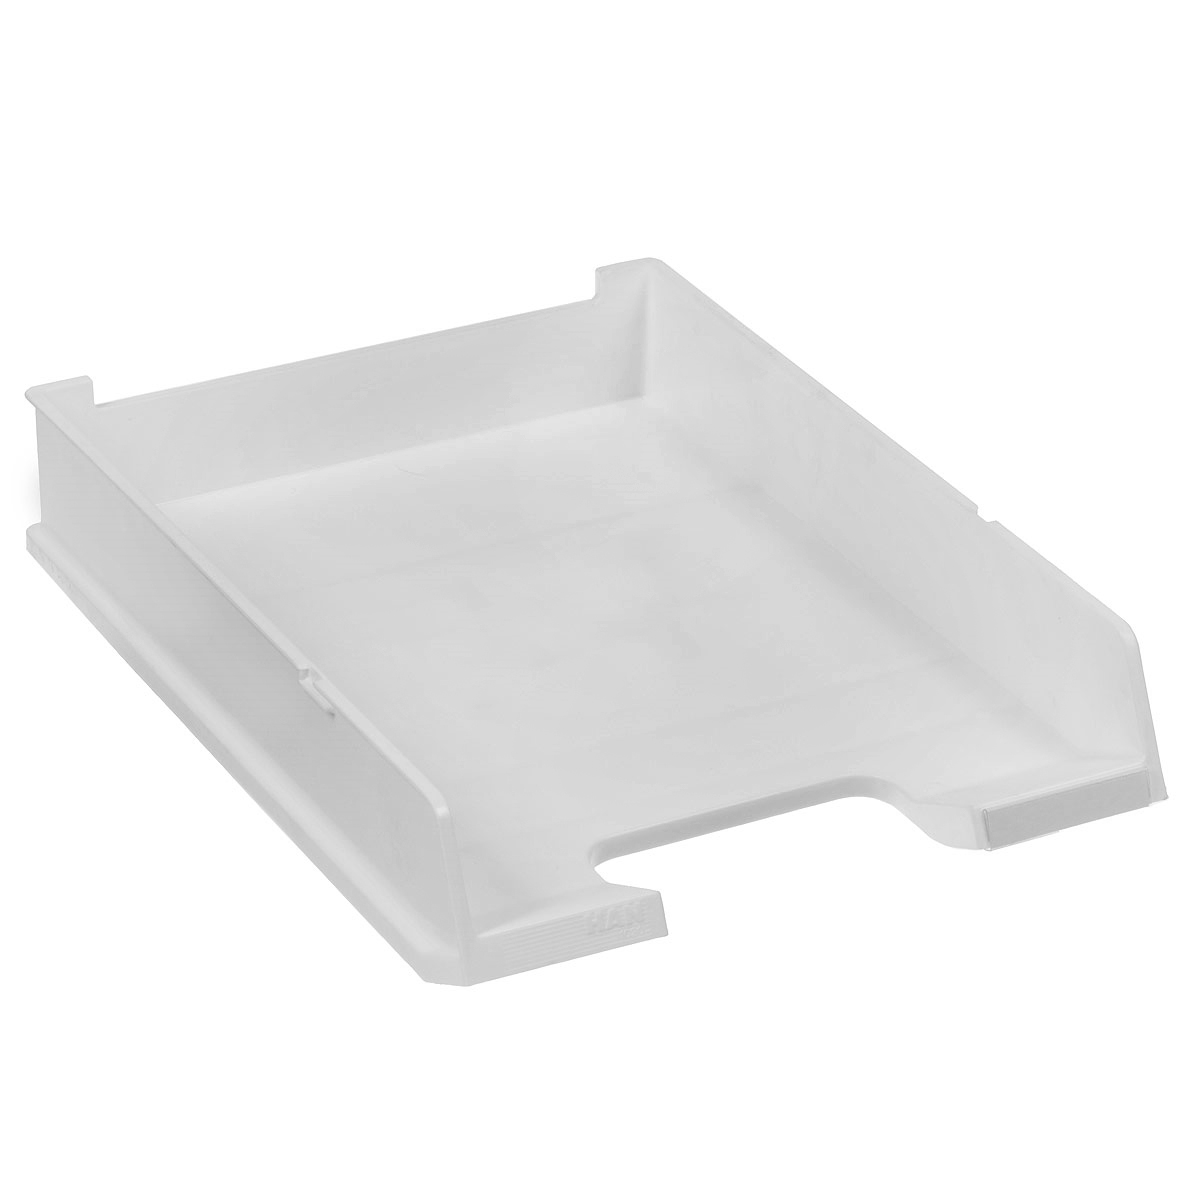 Лоток для бумаг горизонтальный HAN C4, цвет: светло-серый0410-0044-05Горизонтальный лоток для бумаг HAN C4 предназначен для хранения бумаг и документов формата А4. Лоток с оригинальным дизайном корпуса поможет вам навести порядок на столе и сэкономить пространство.Лоток изготовлен из экологически чистого непрозрачного антистатического пластика. Приподнятая фронтальная часть лотка облегчает изъятие документов из накопителя. Лоток имеет пластиковые ножки, предотвращающие скольжение по столу. Также лоток оснащен небольшим прозрачным окошком для этикетки. Лоток для бумаг станет незаменимым помощником для работы с бумагами дома или в офисе, а его стильный дизайн впишется в любой интерьер. Благодаря лотку для бумаг, важные бумаги и документы всегда будут под рукой.Несколько лотков можно ставить друг на друга, один в другой и друг на друга со смещением.